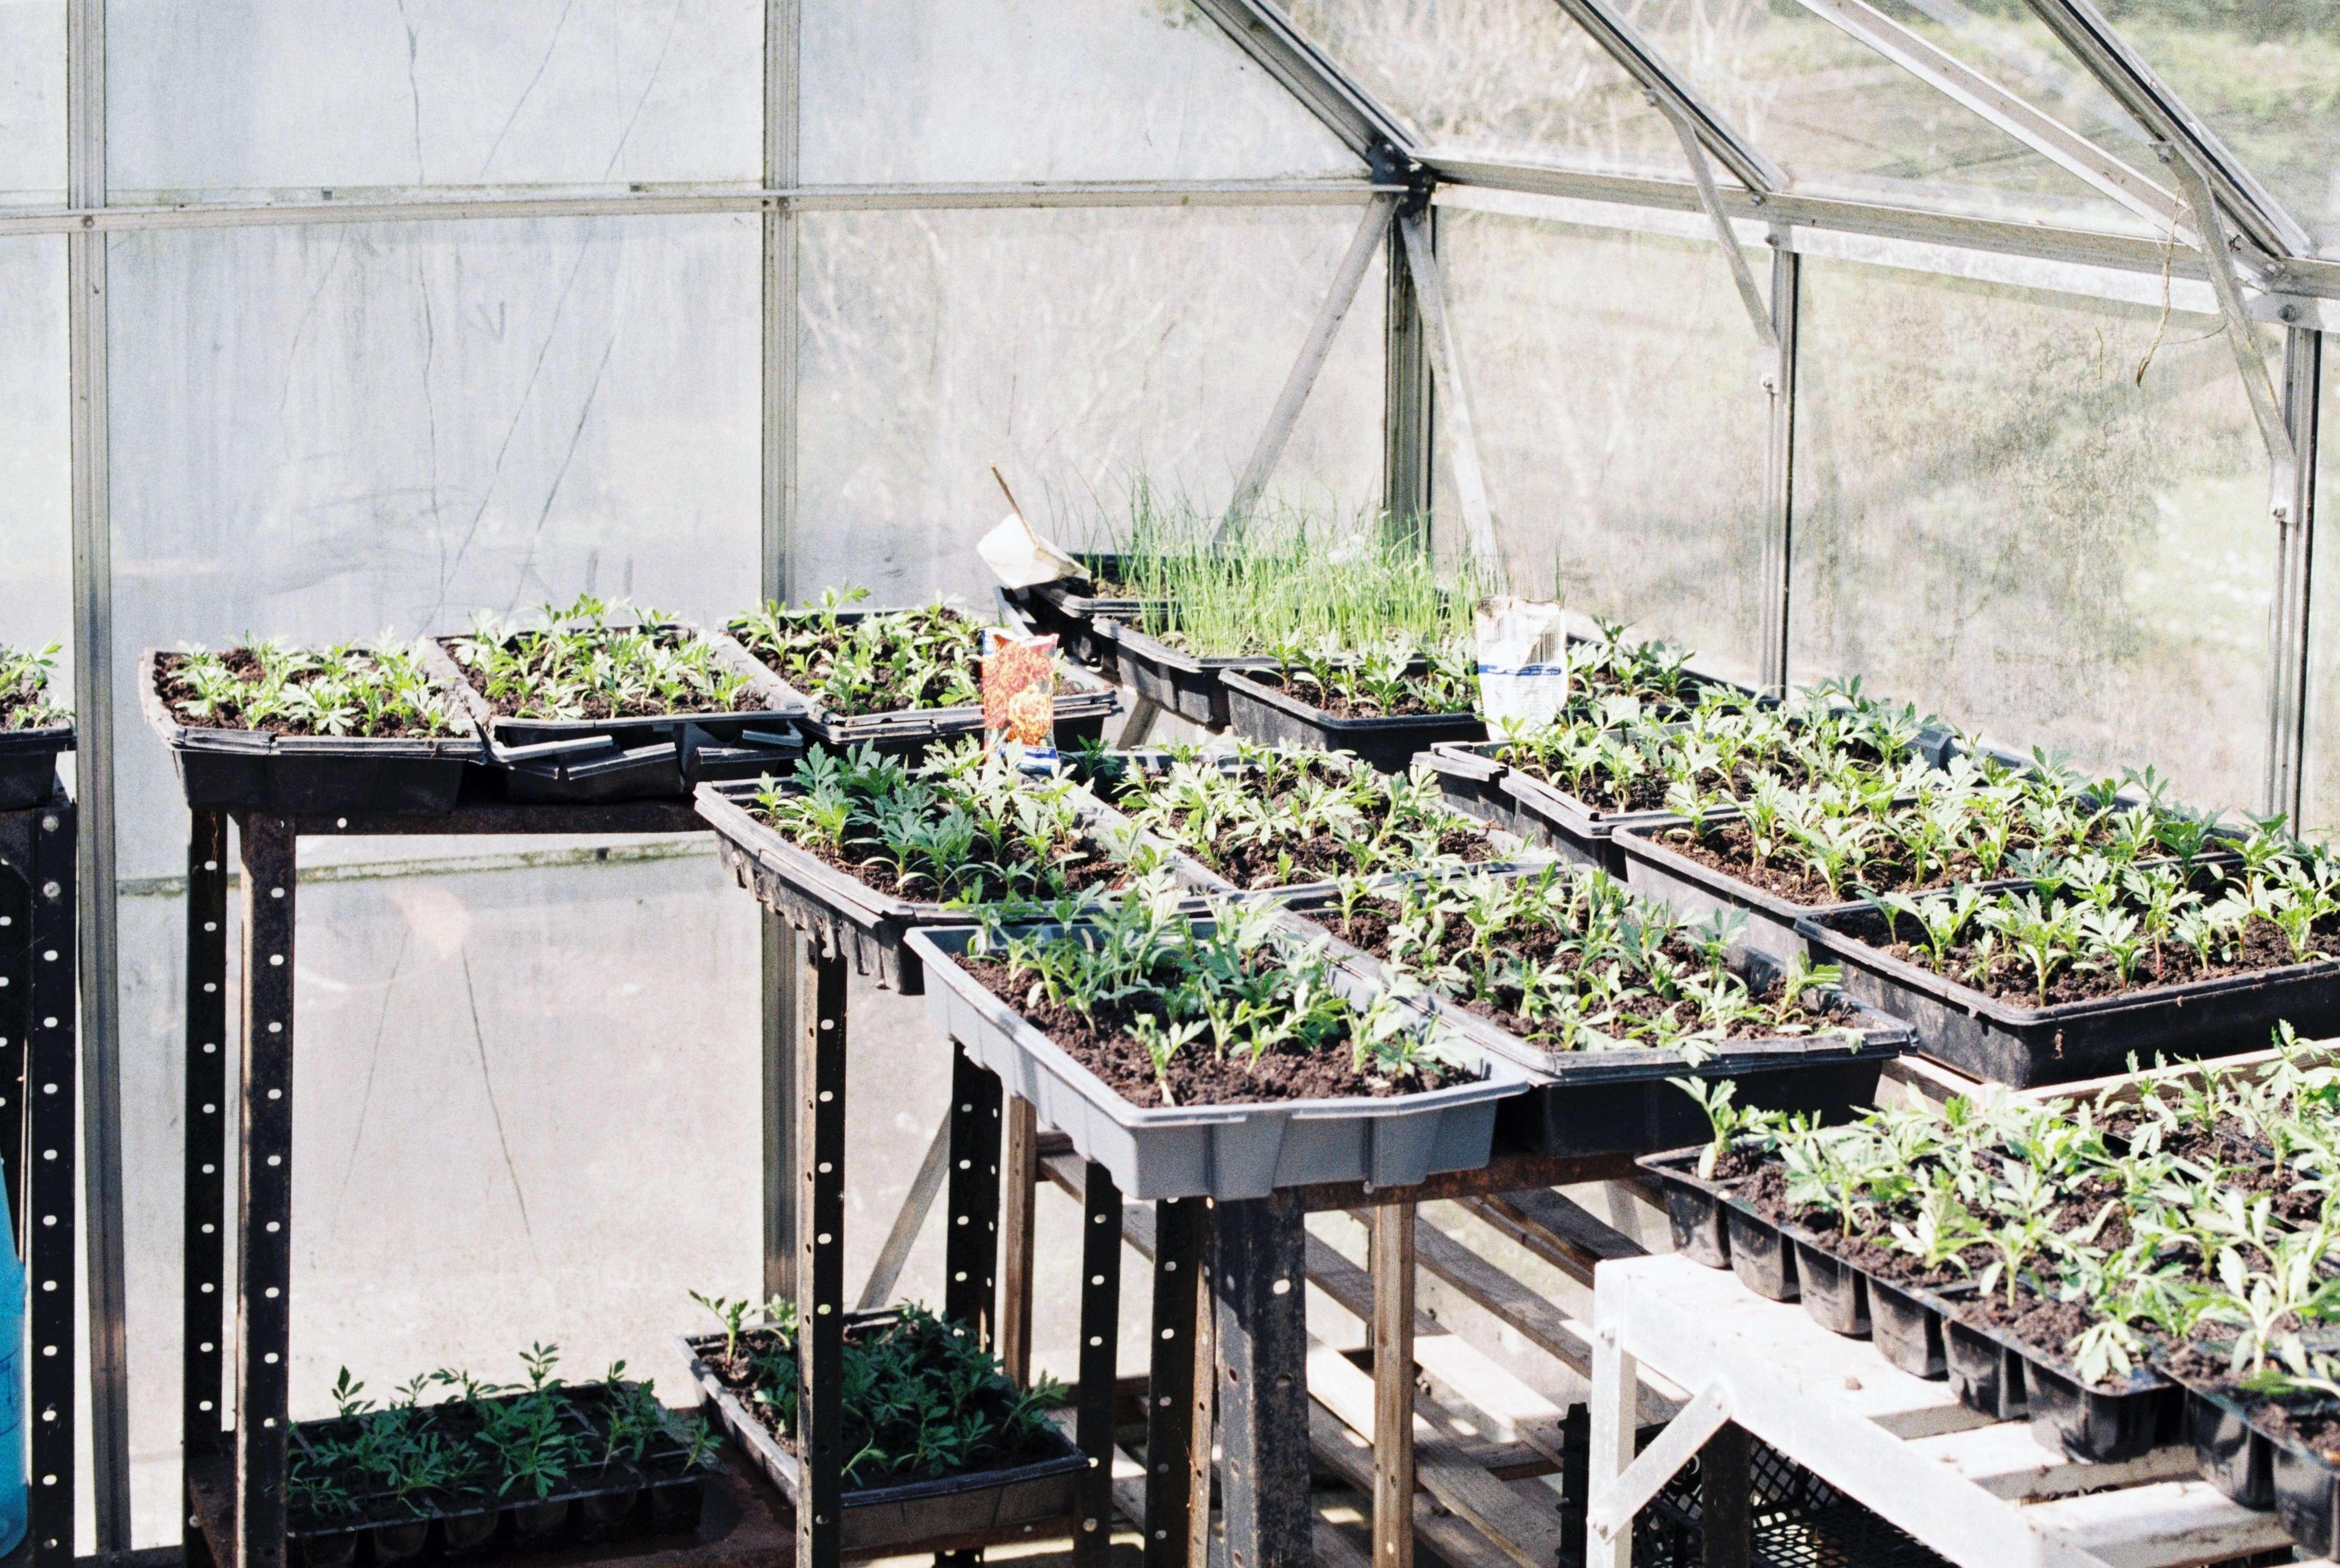 Greenhouse option to extend garden season